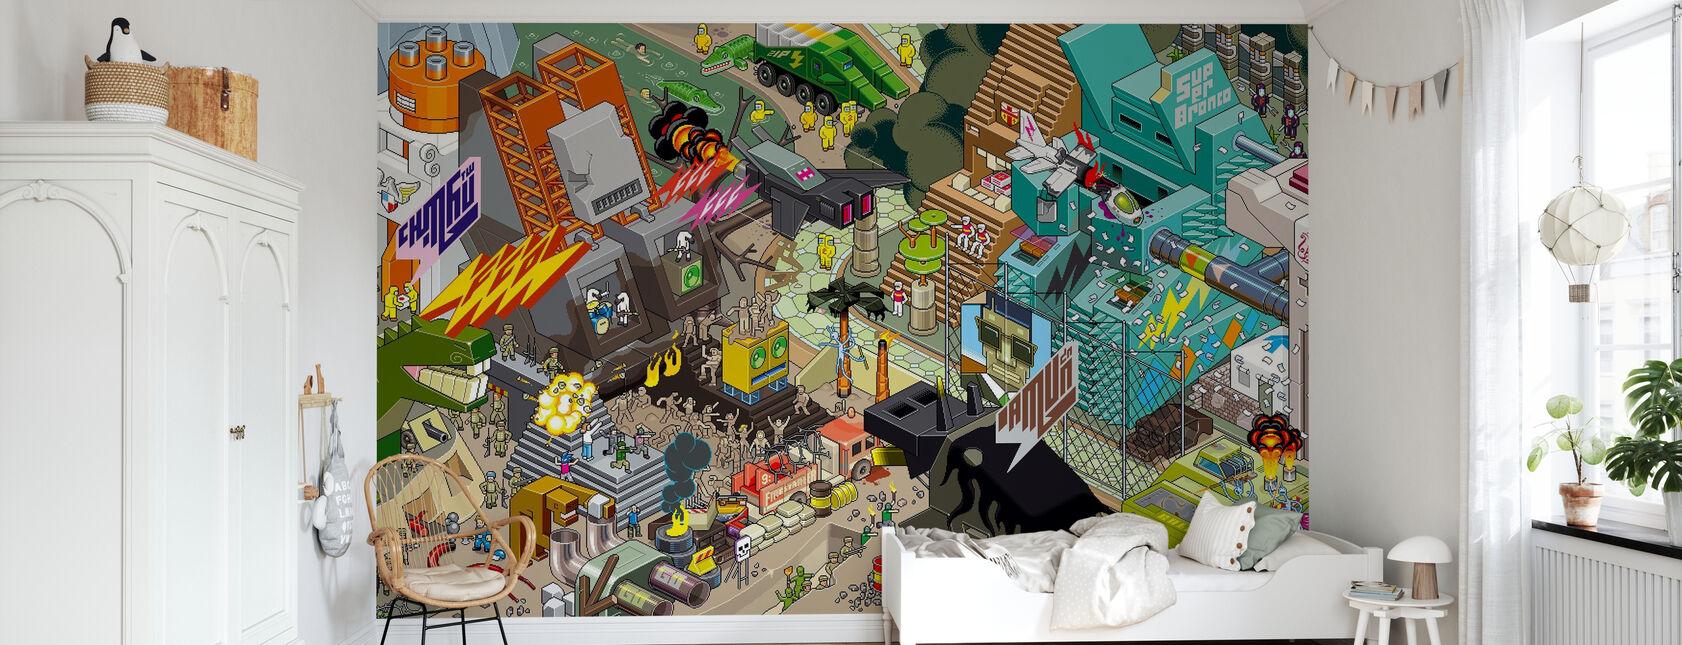 eBoy - Mxl Inka - Papier peint - Chambre des enfants